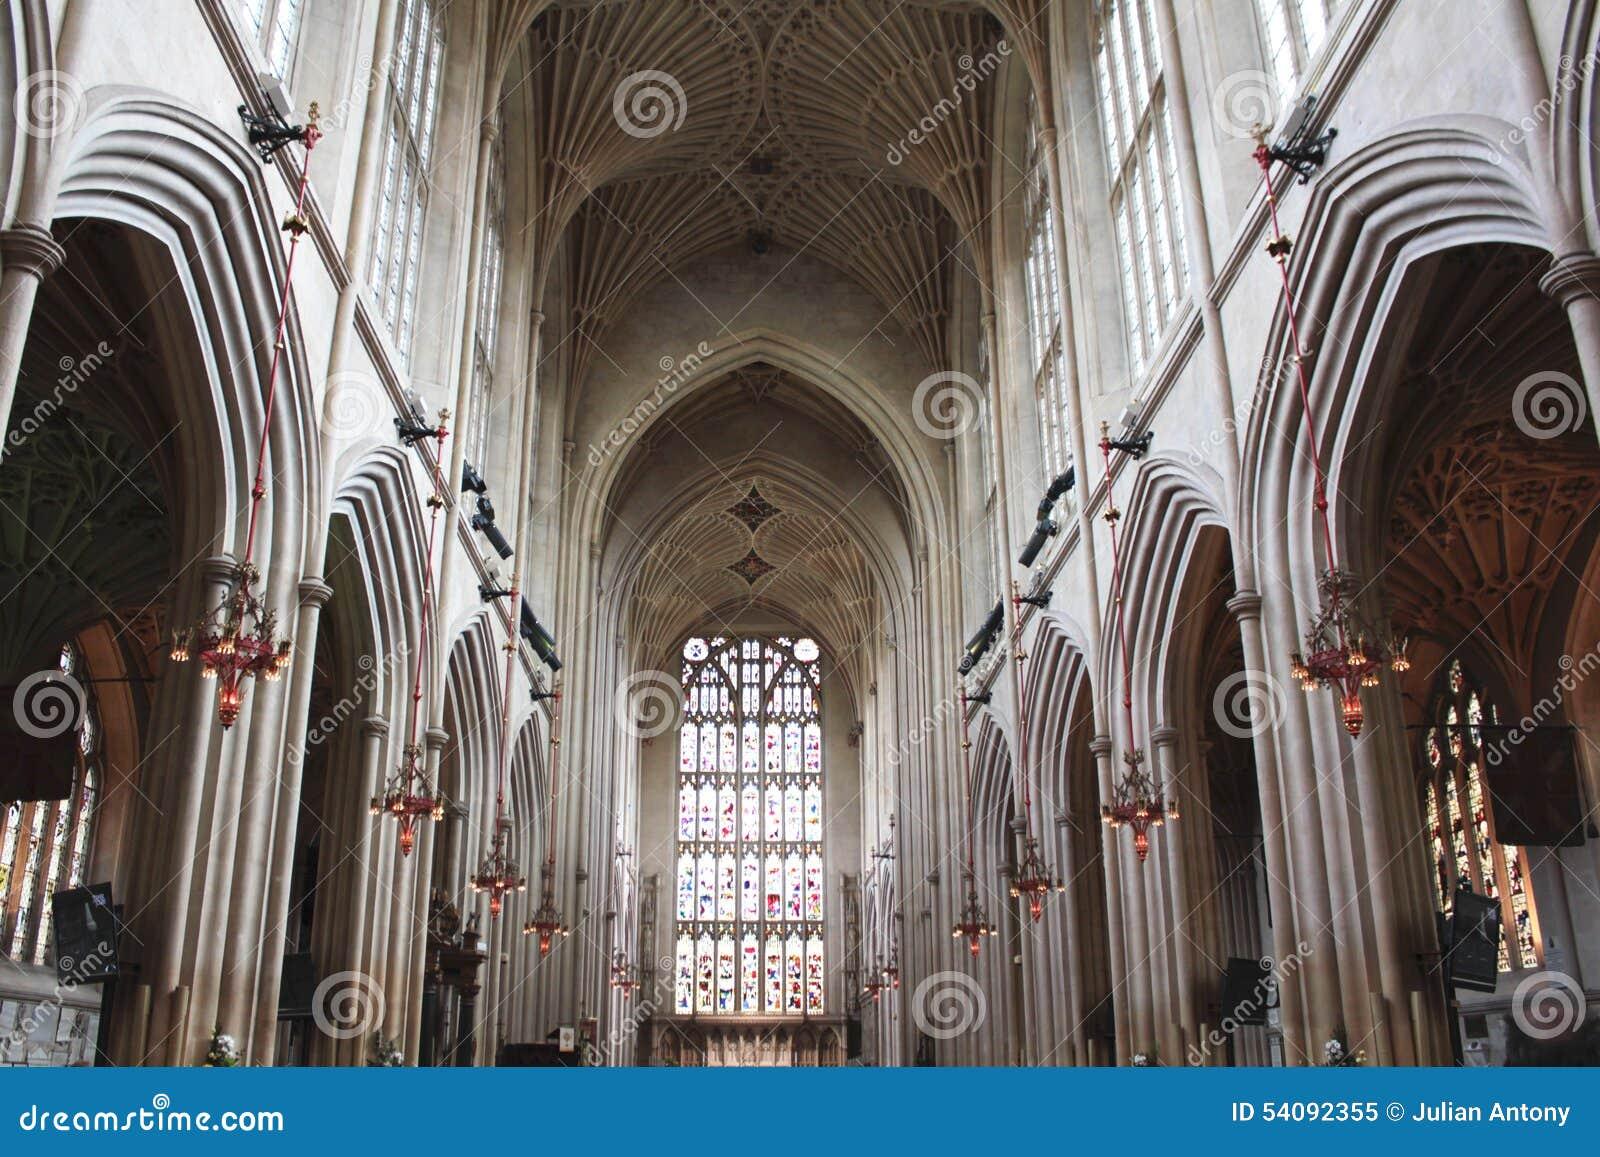 Bad Abbey Church Ceiling